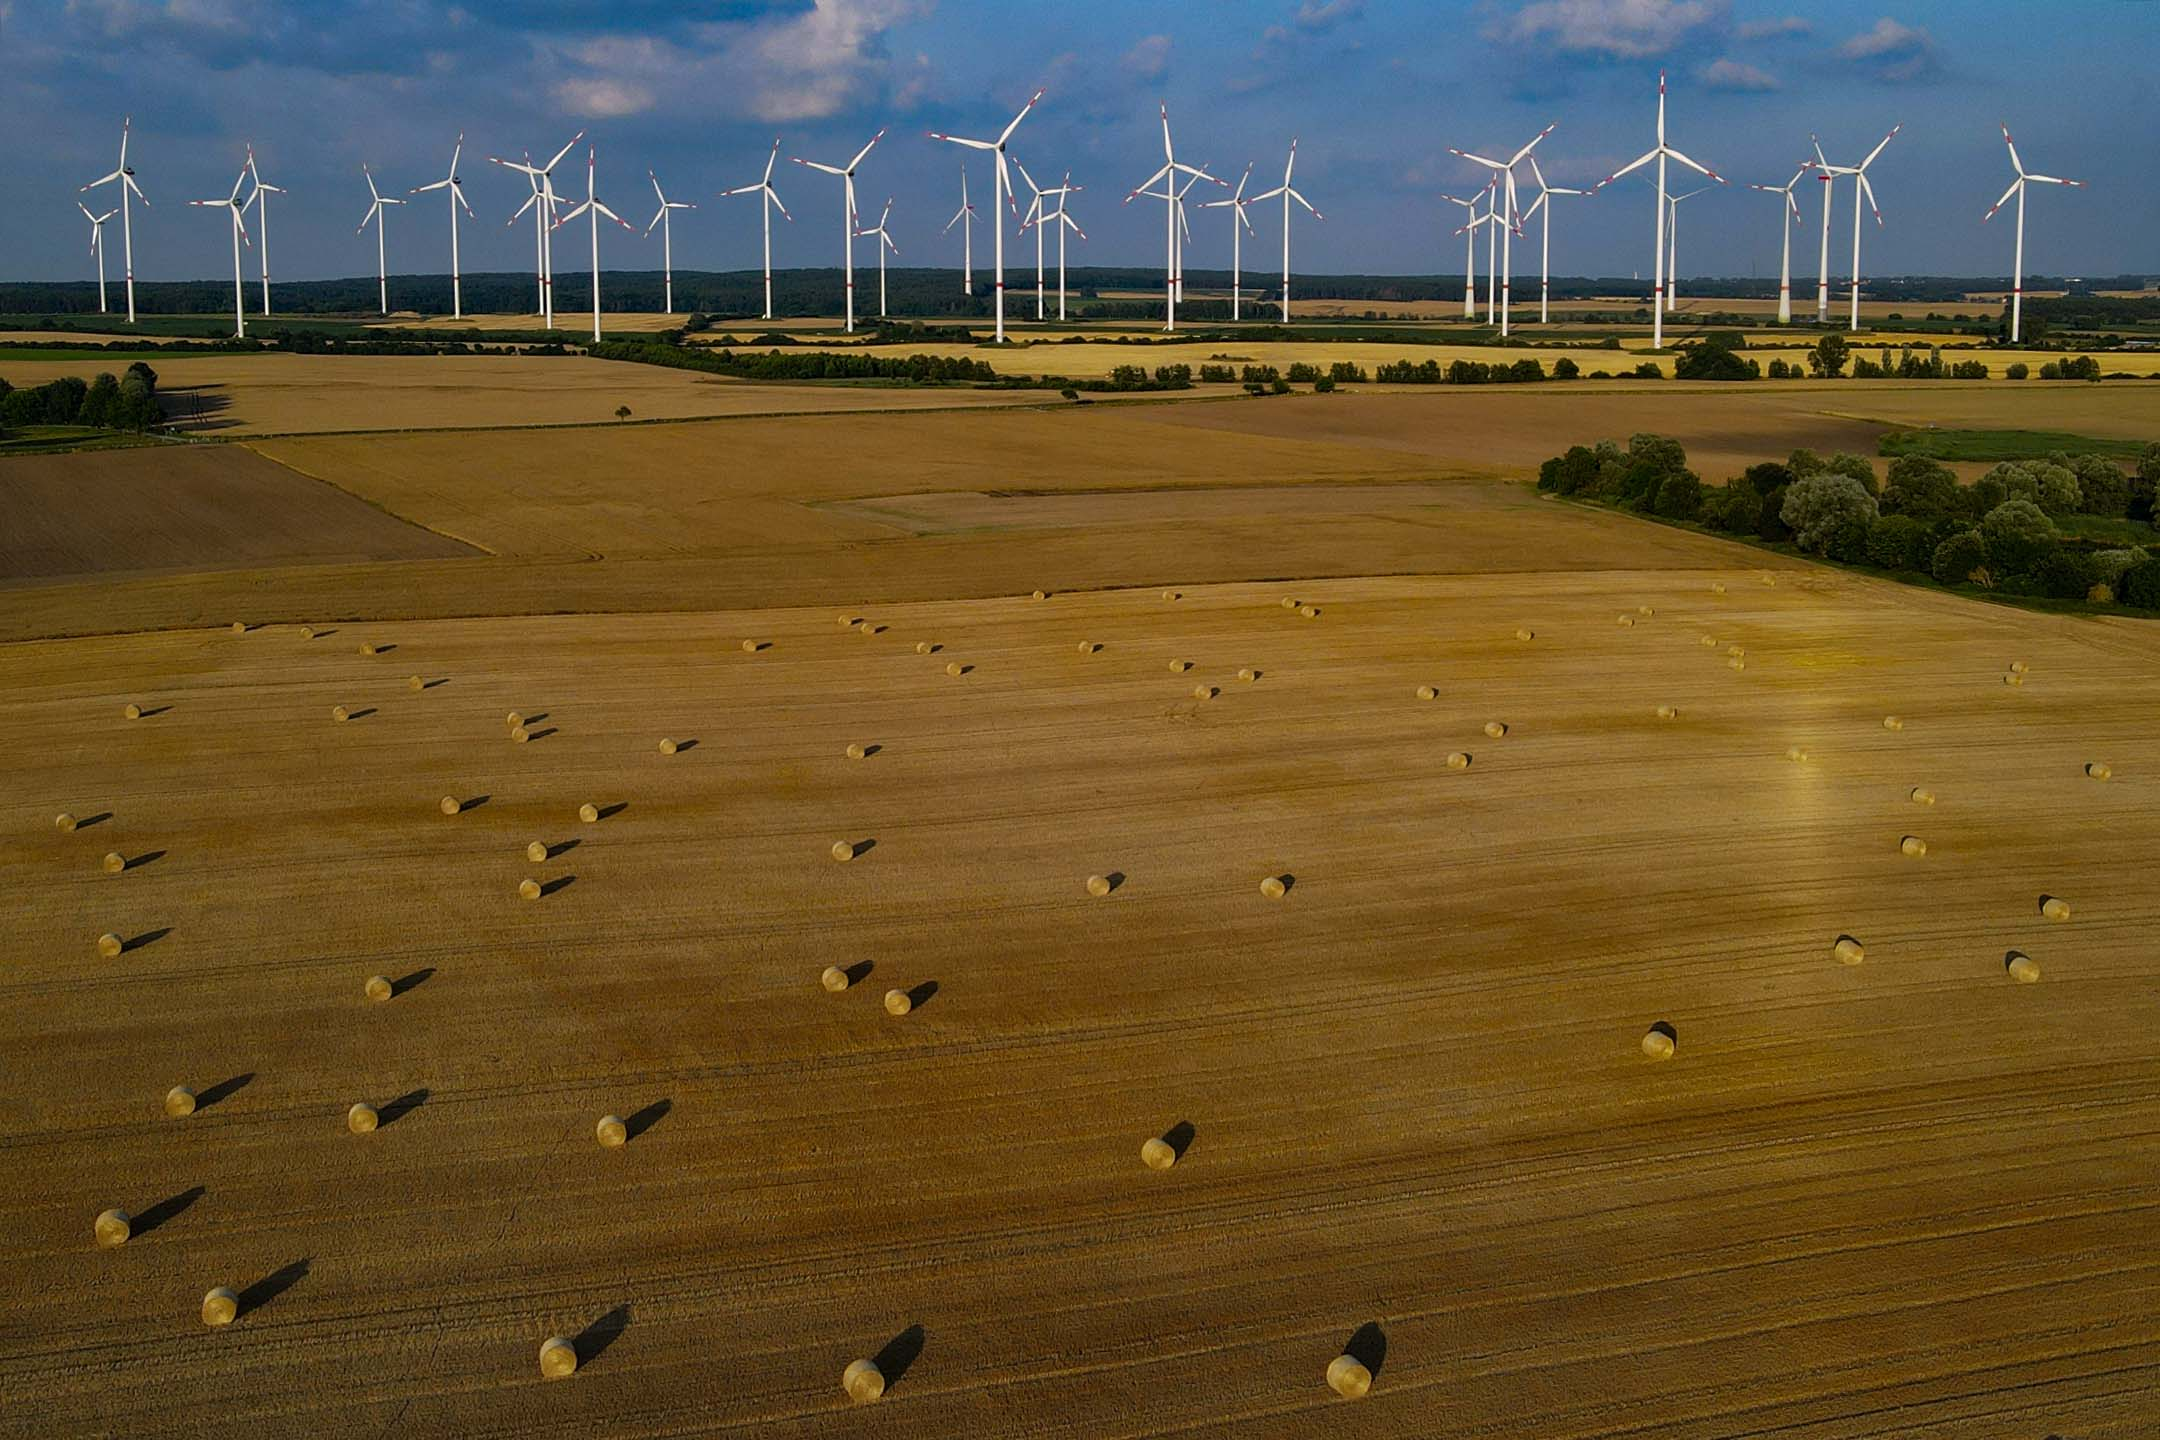 2021年7月15日勃蘭登堡,傍晚的太陽在收割的稻田上投下長長的陰影,背後是風力發電機。